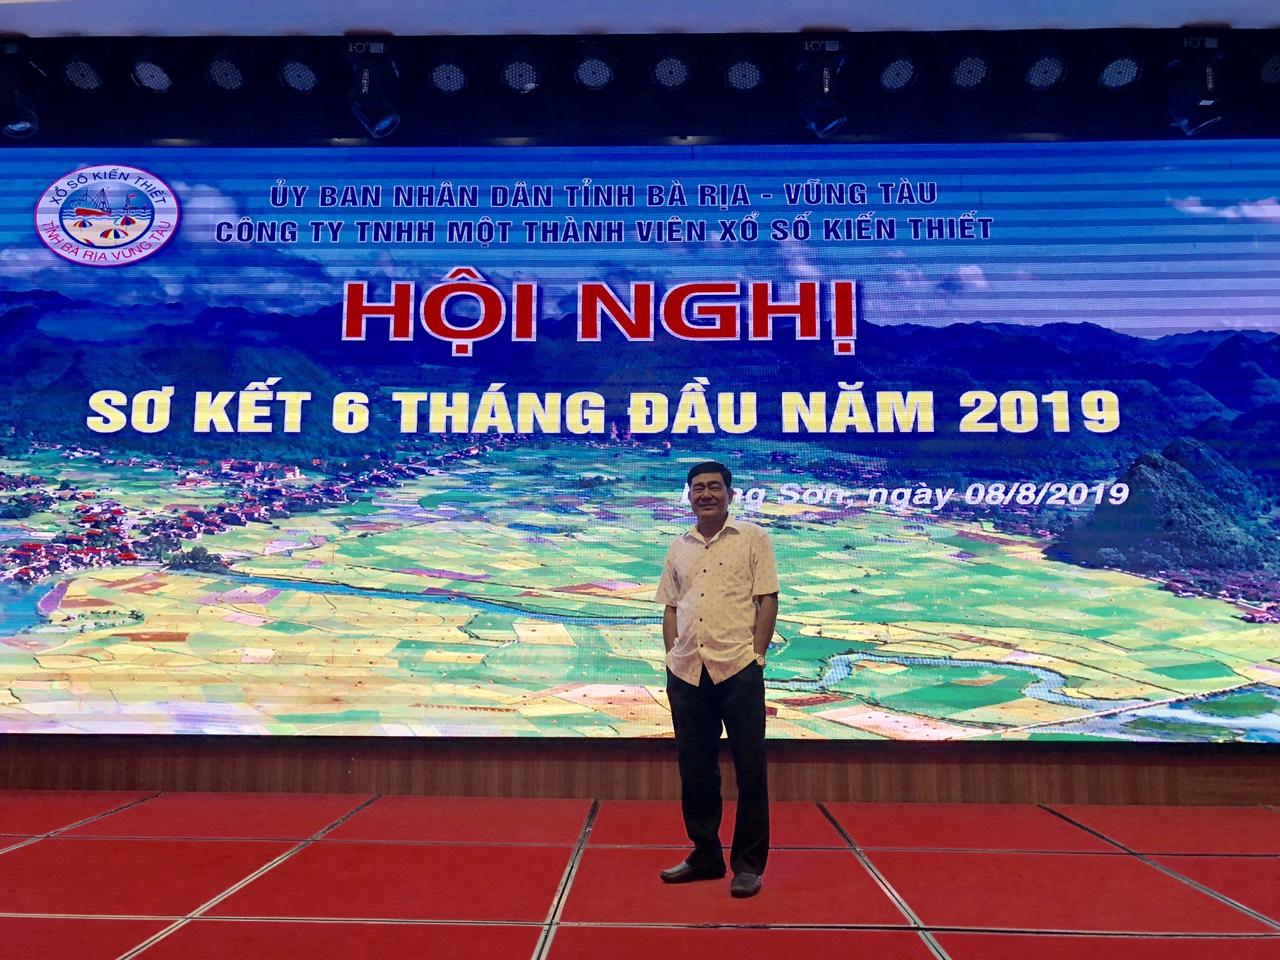 Minh Nhựt tham gia hội nghị sơ kết công ty xổ số vũng tàu sáu tháng đầu năm 2019